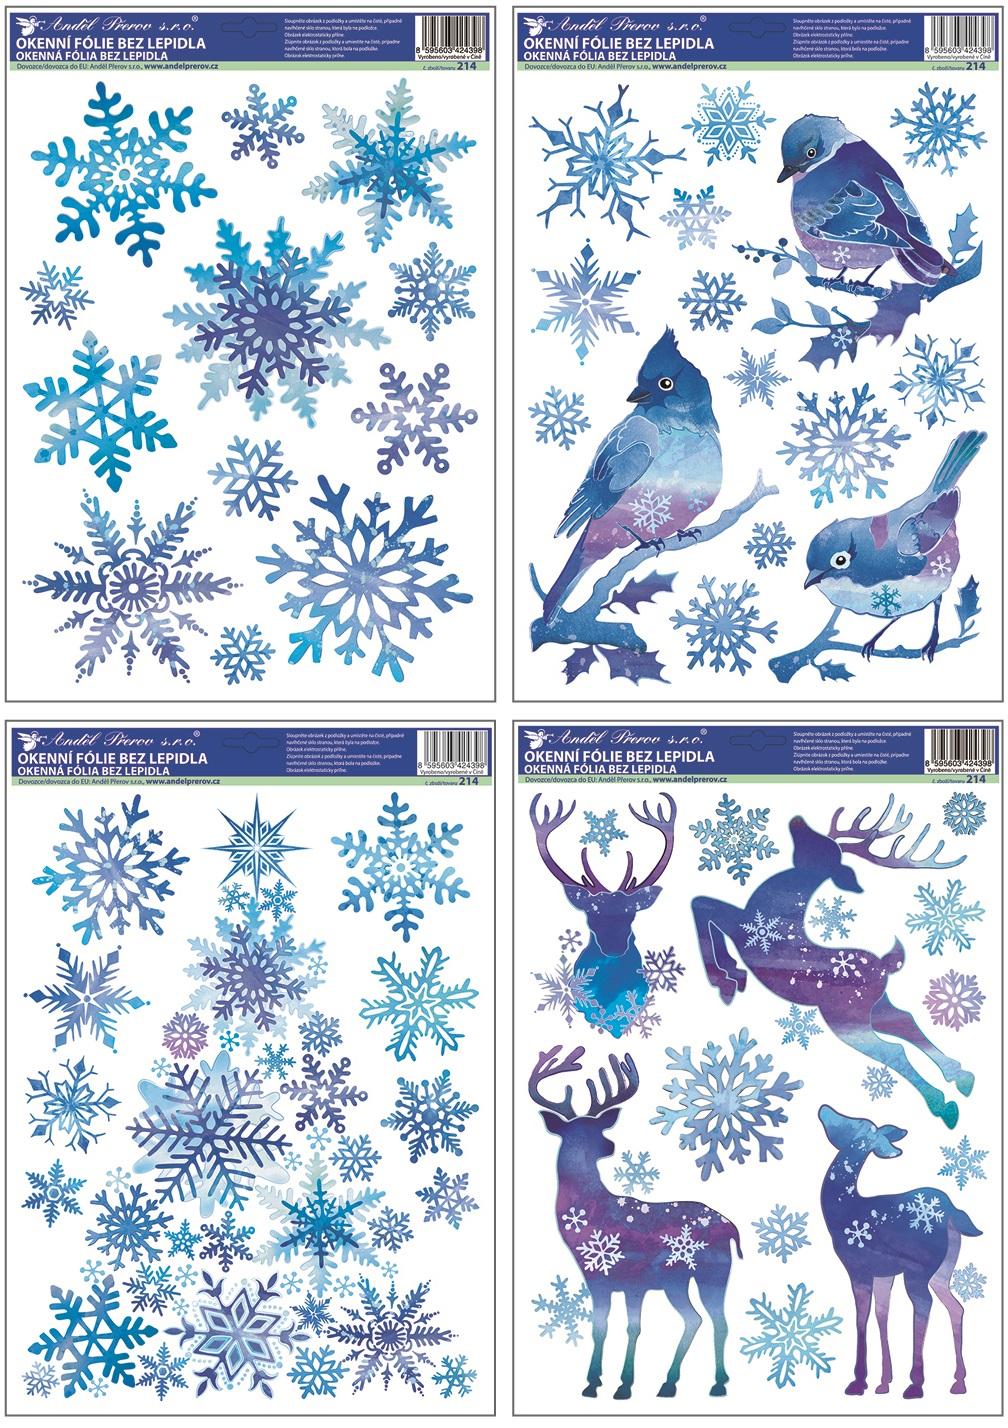 Fólie na okna ptáčci s vločkami a stromek z vloček modrý s glitry 37x29 cm (214)